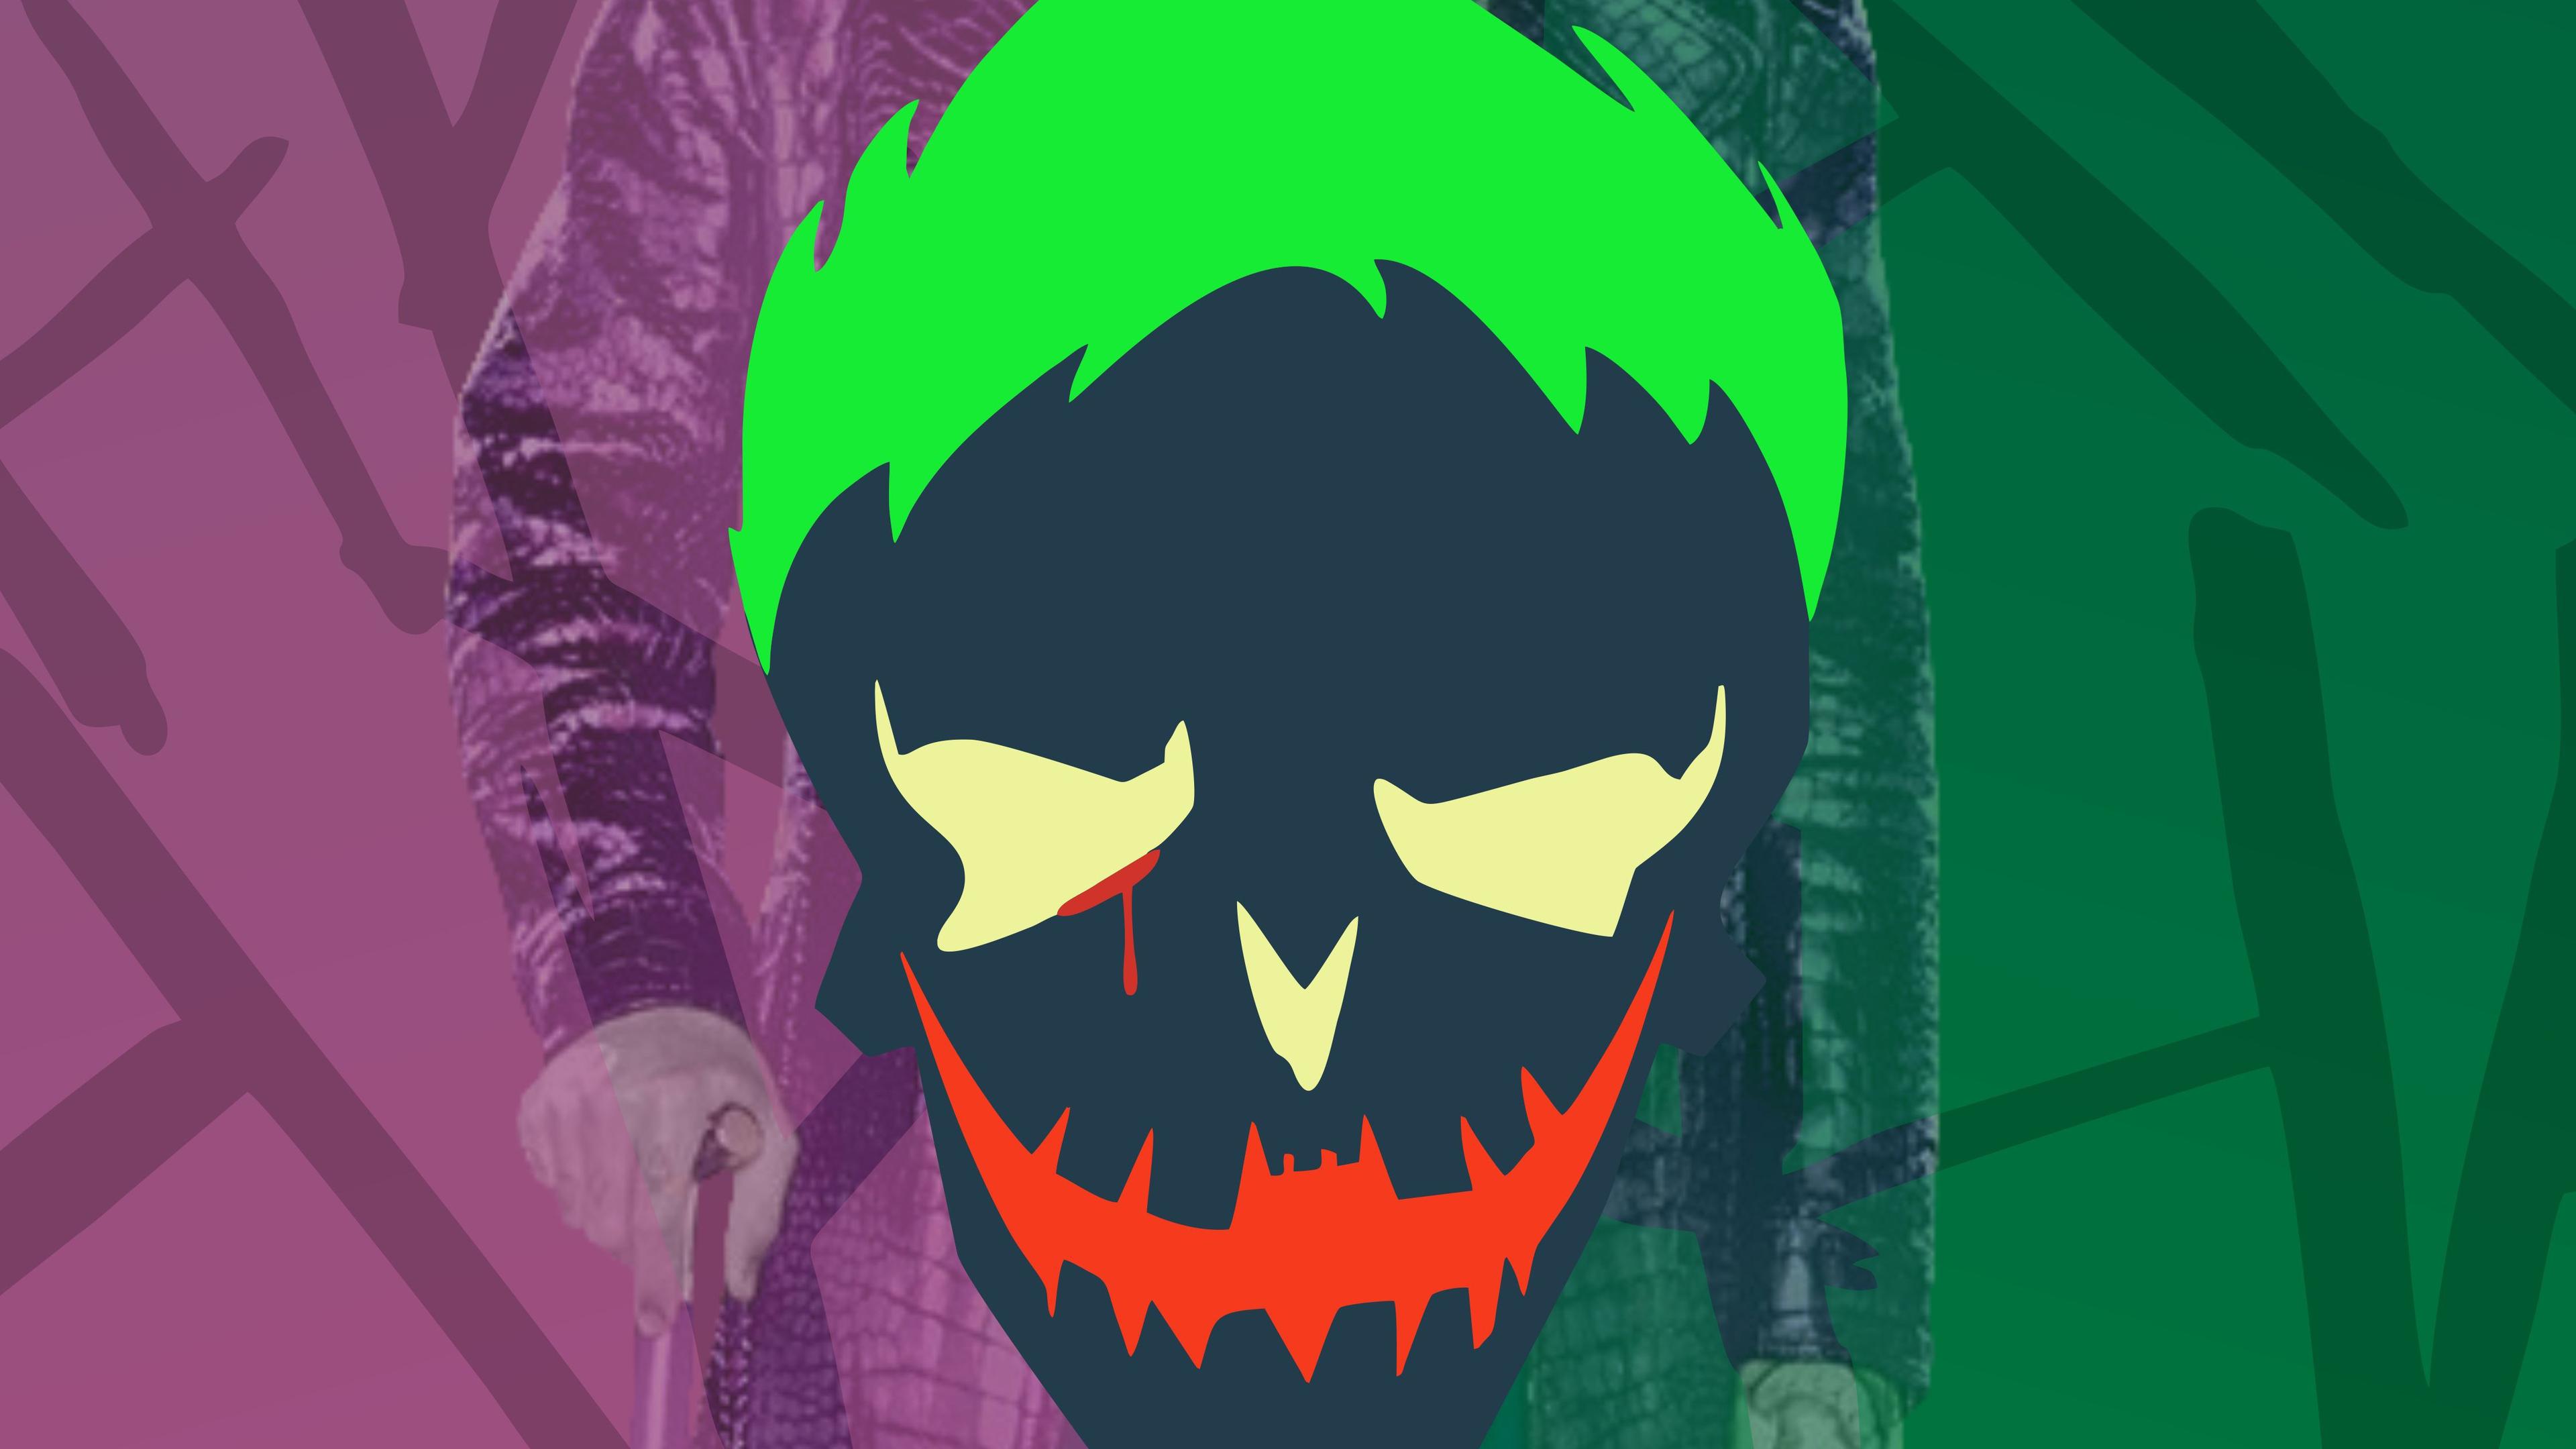 joker haha 4k 1547506287 - Joker Haha 4k - supervillain wallpapers, suicide squad wallpapers, joker wallpapers, hd-wallpapers, 4k-wallpapers